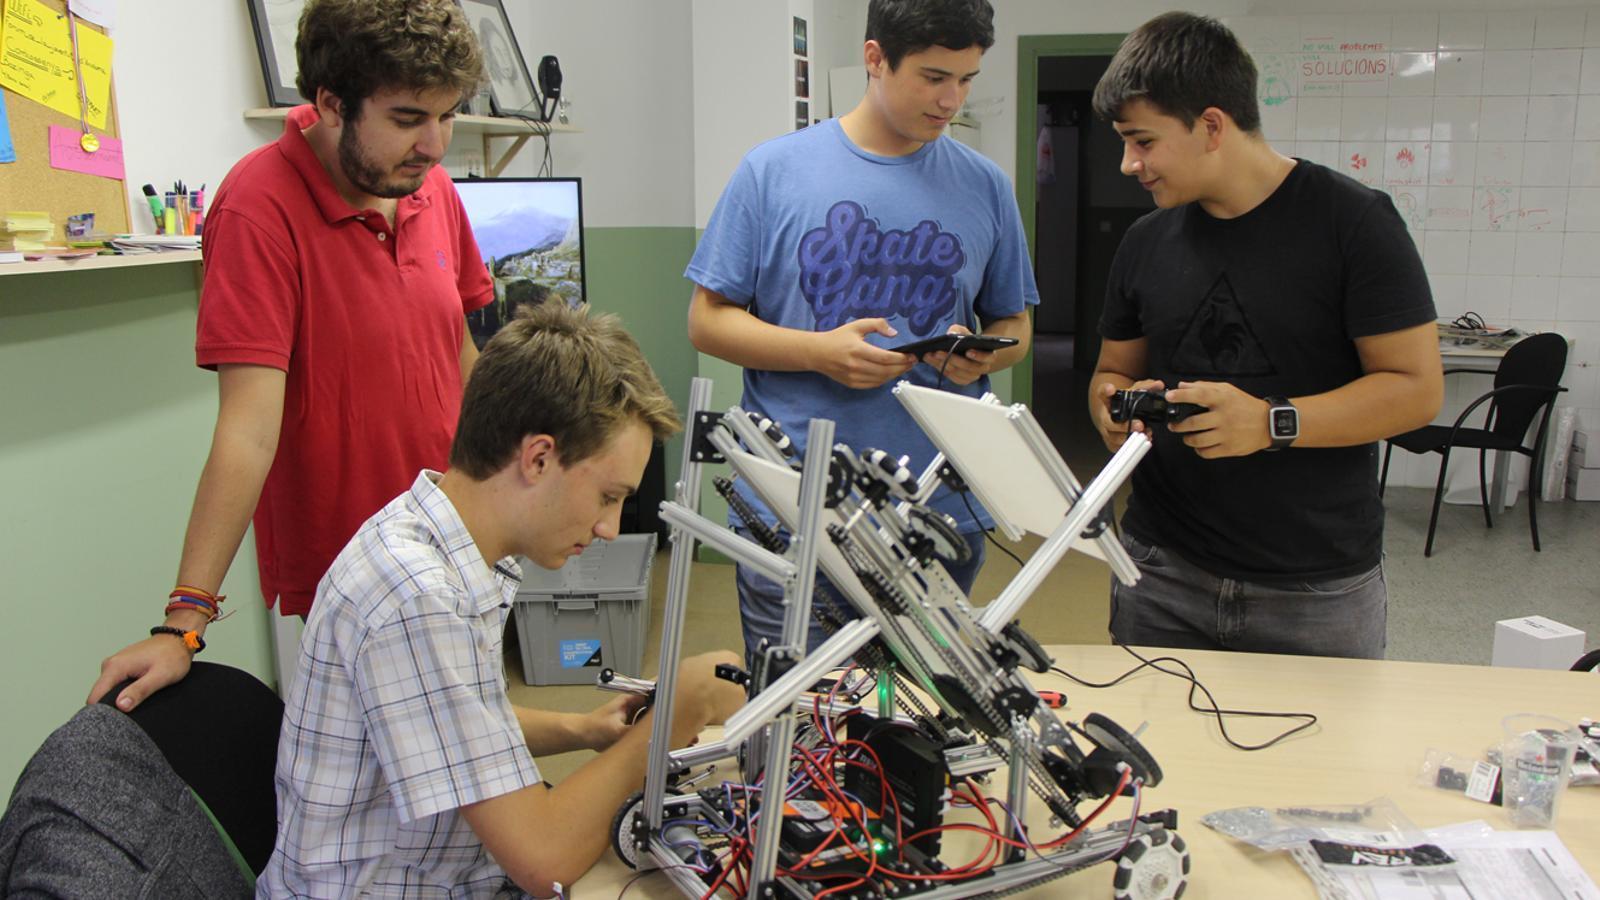 Els tres joves de l'equip andorrà i el seu monitor treballant en la preparació del robot. / L. M.